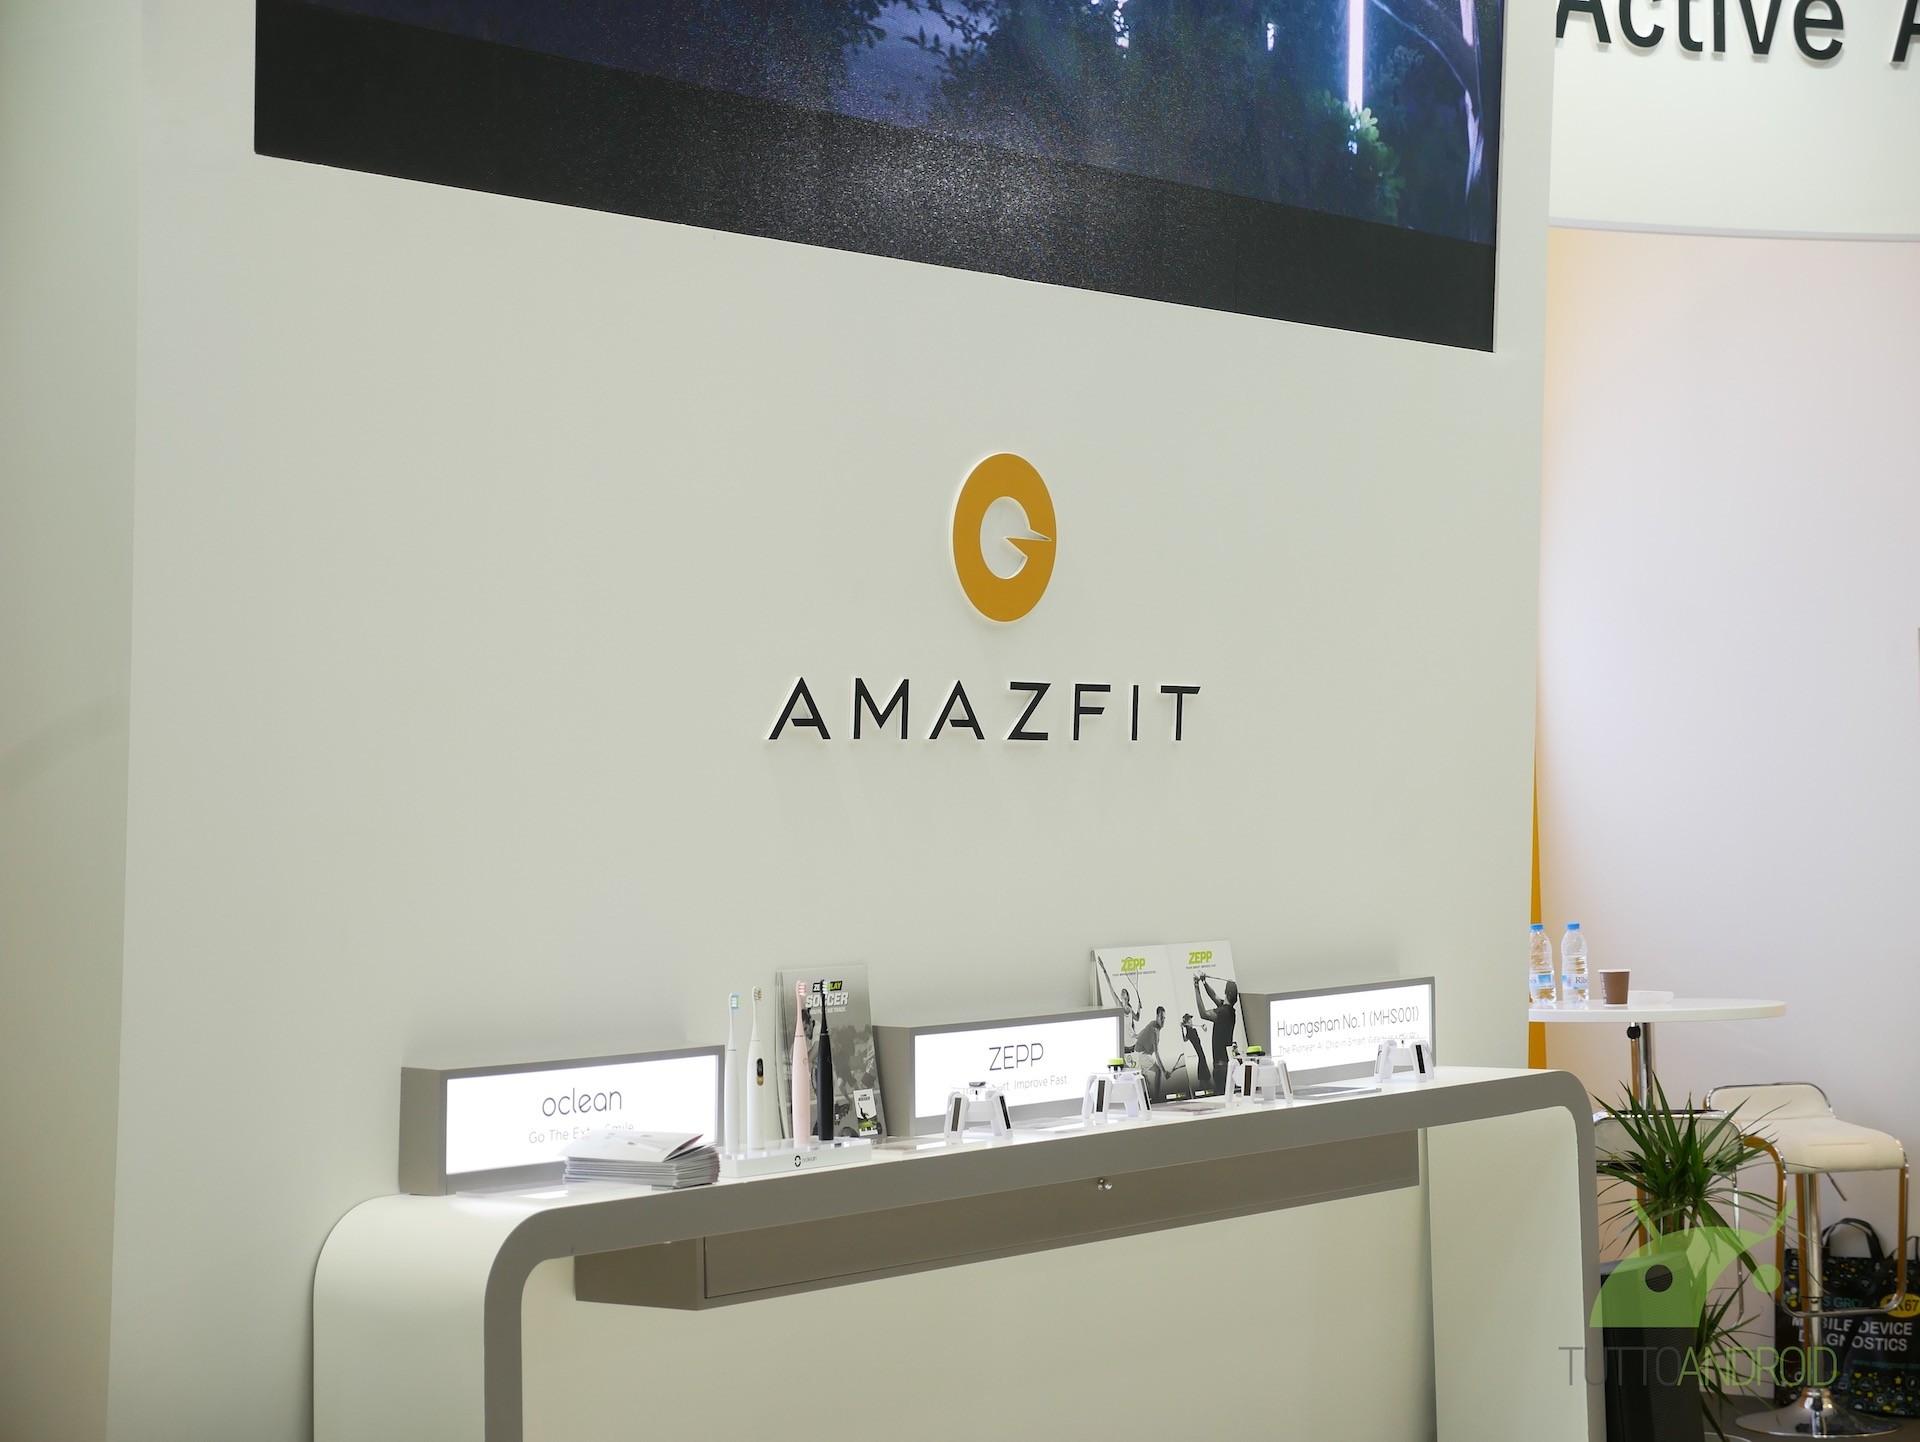 L'app Amazfit si aggiorna alla versione 4.7.0 con nuove otti